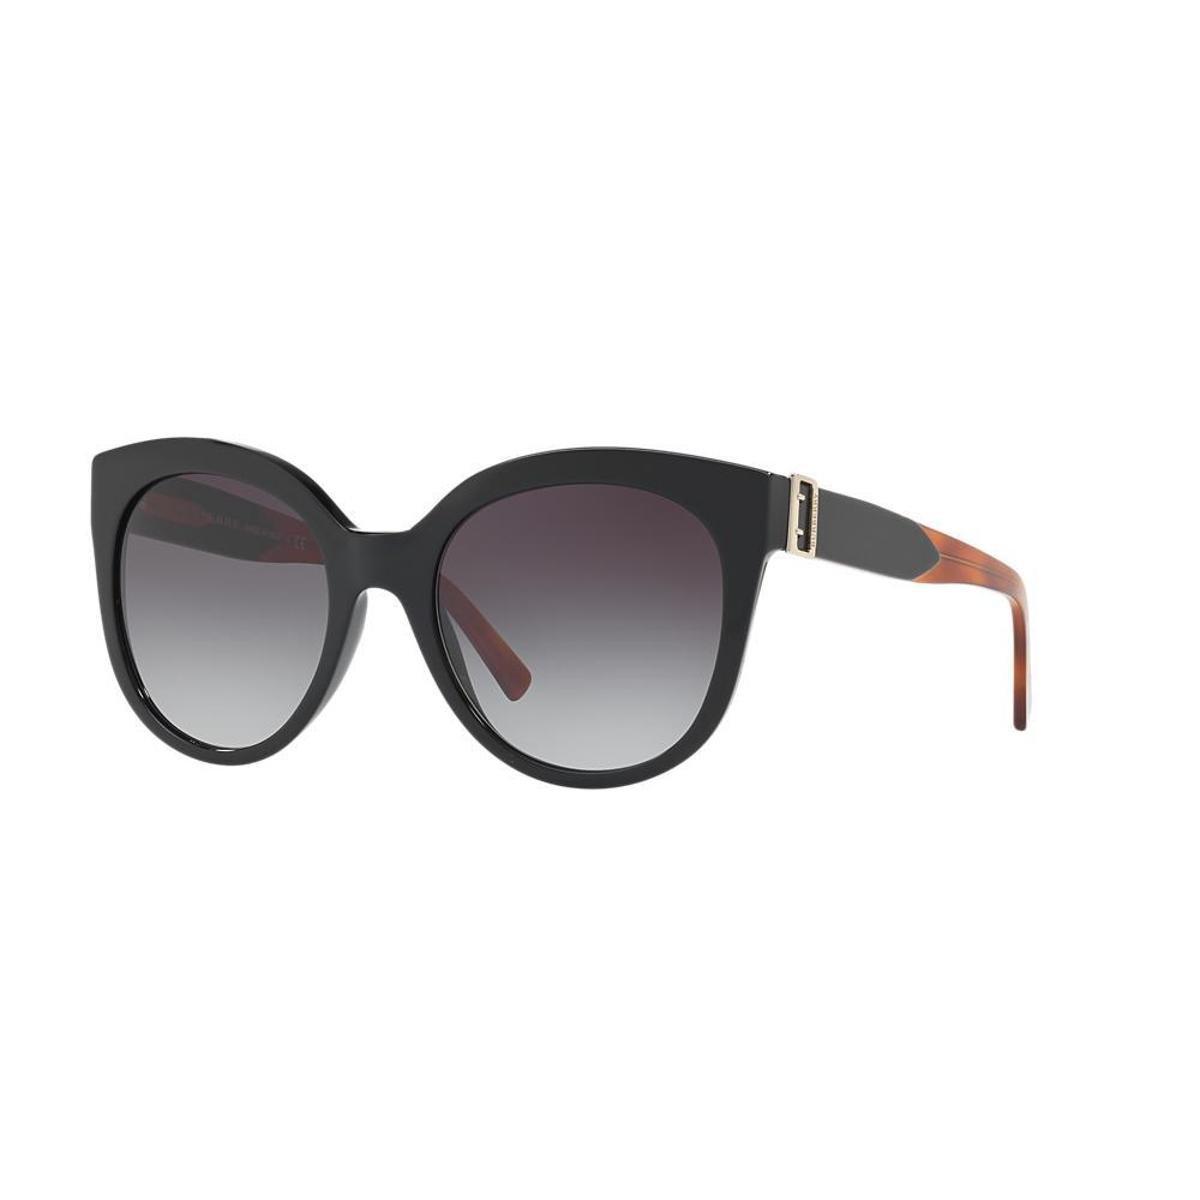 Óculos de Sol Burberry Gatinho BE4243 Feminino - Compre Agora   Zattini 8f21e616b2